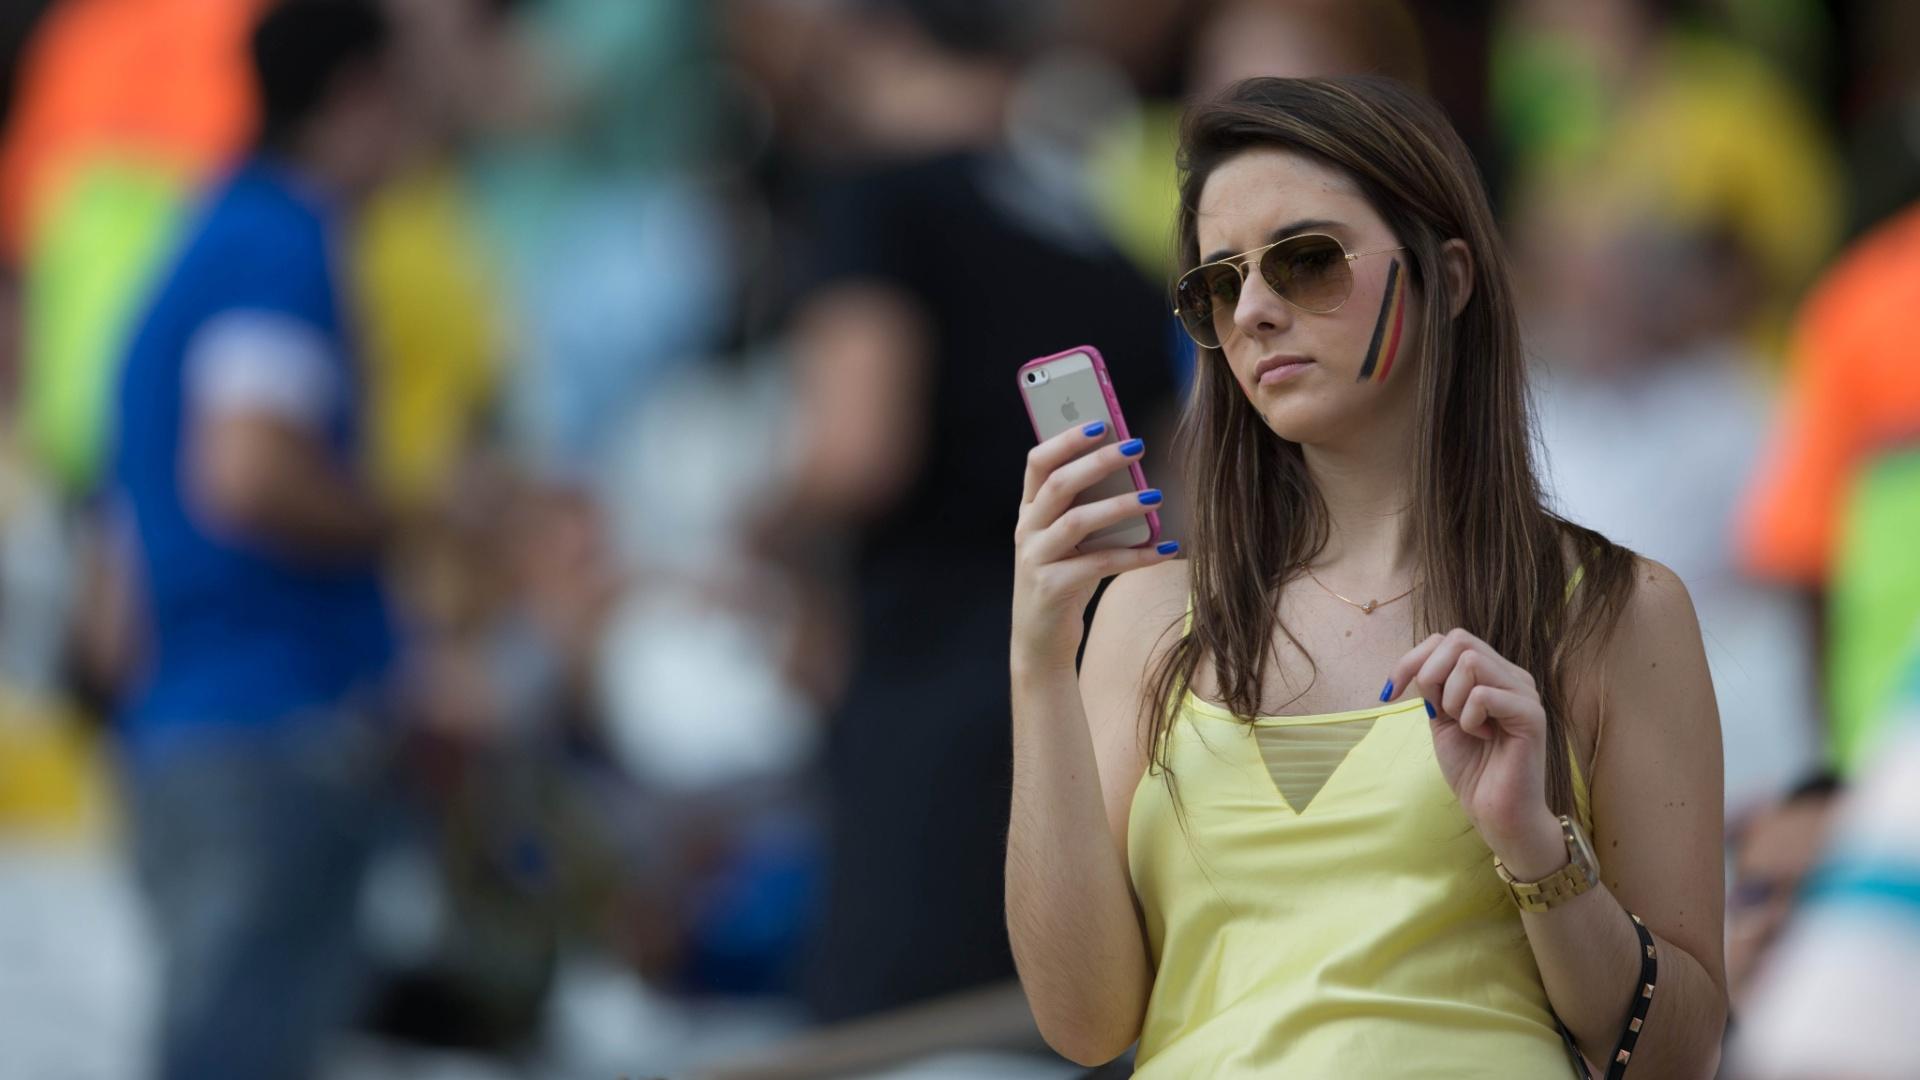 Torcedora olha para o celular antes do jogo entre Bélgica e Coreia do Sul no Itaquerão